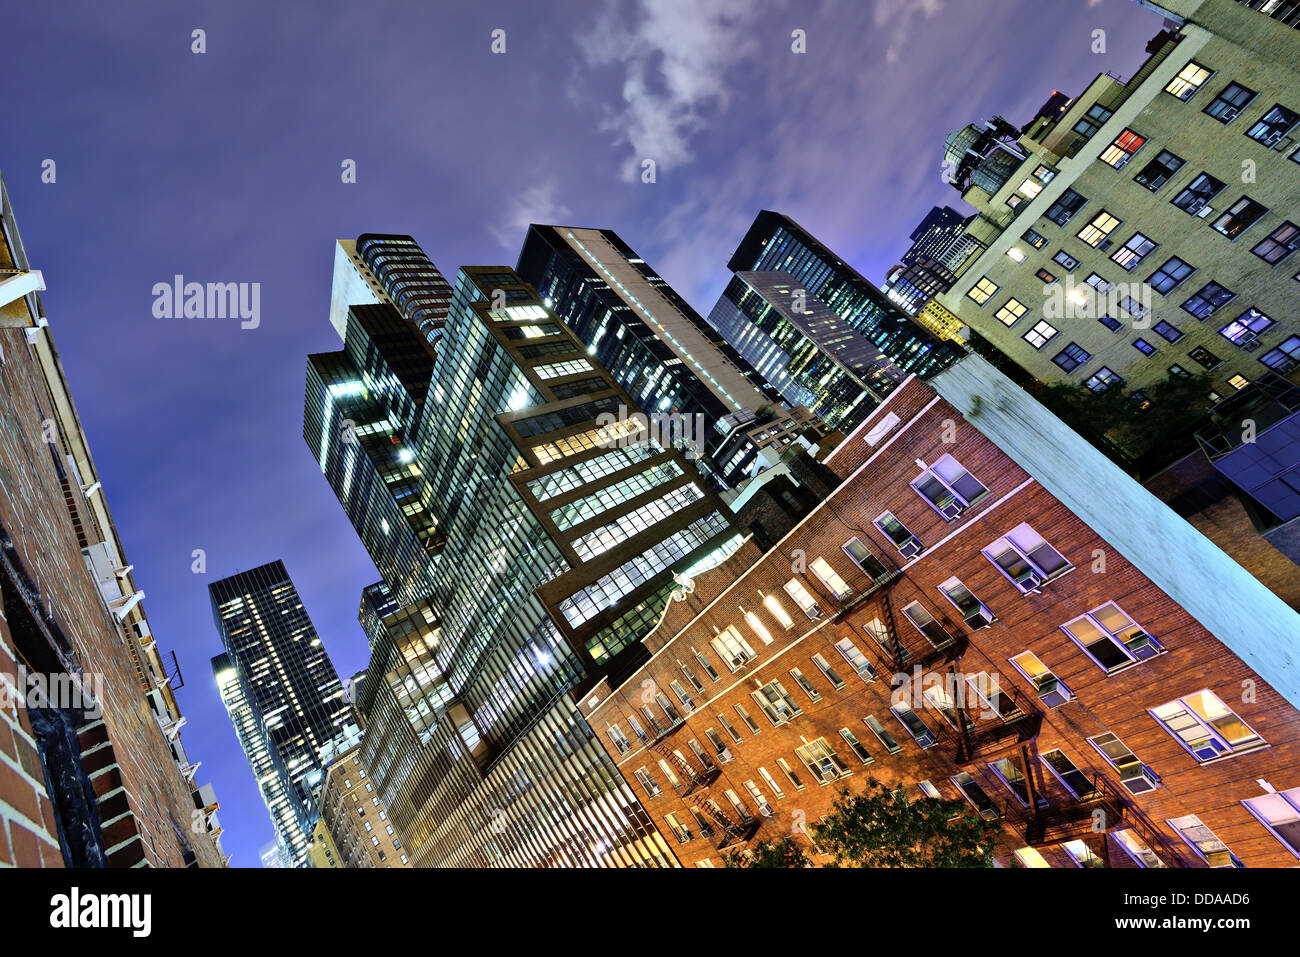 Les immeubles de bureaux dans le centre de Manhattan. Photo Stock